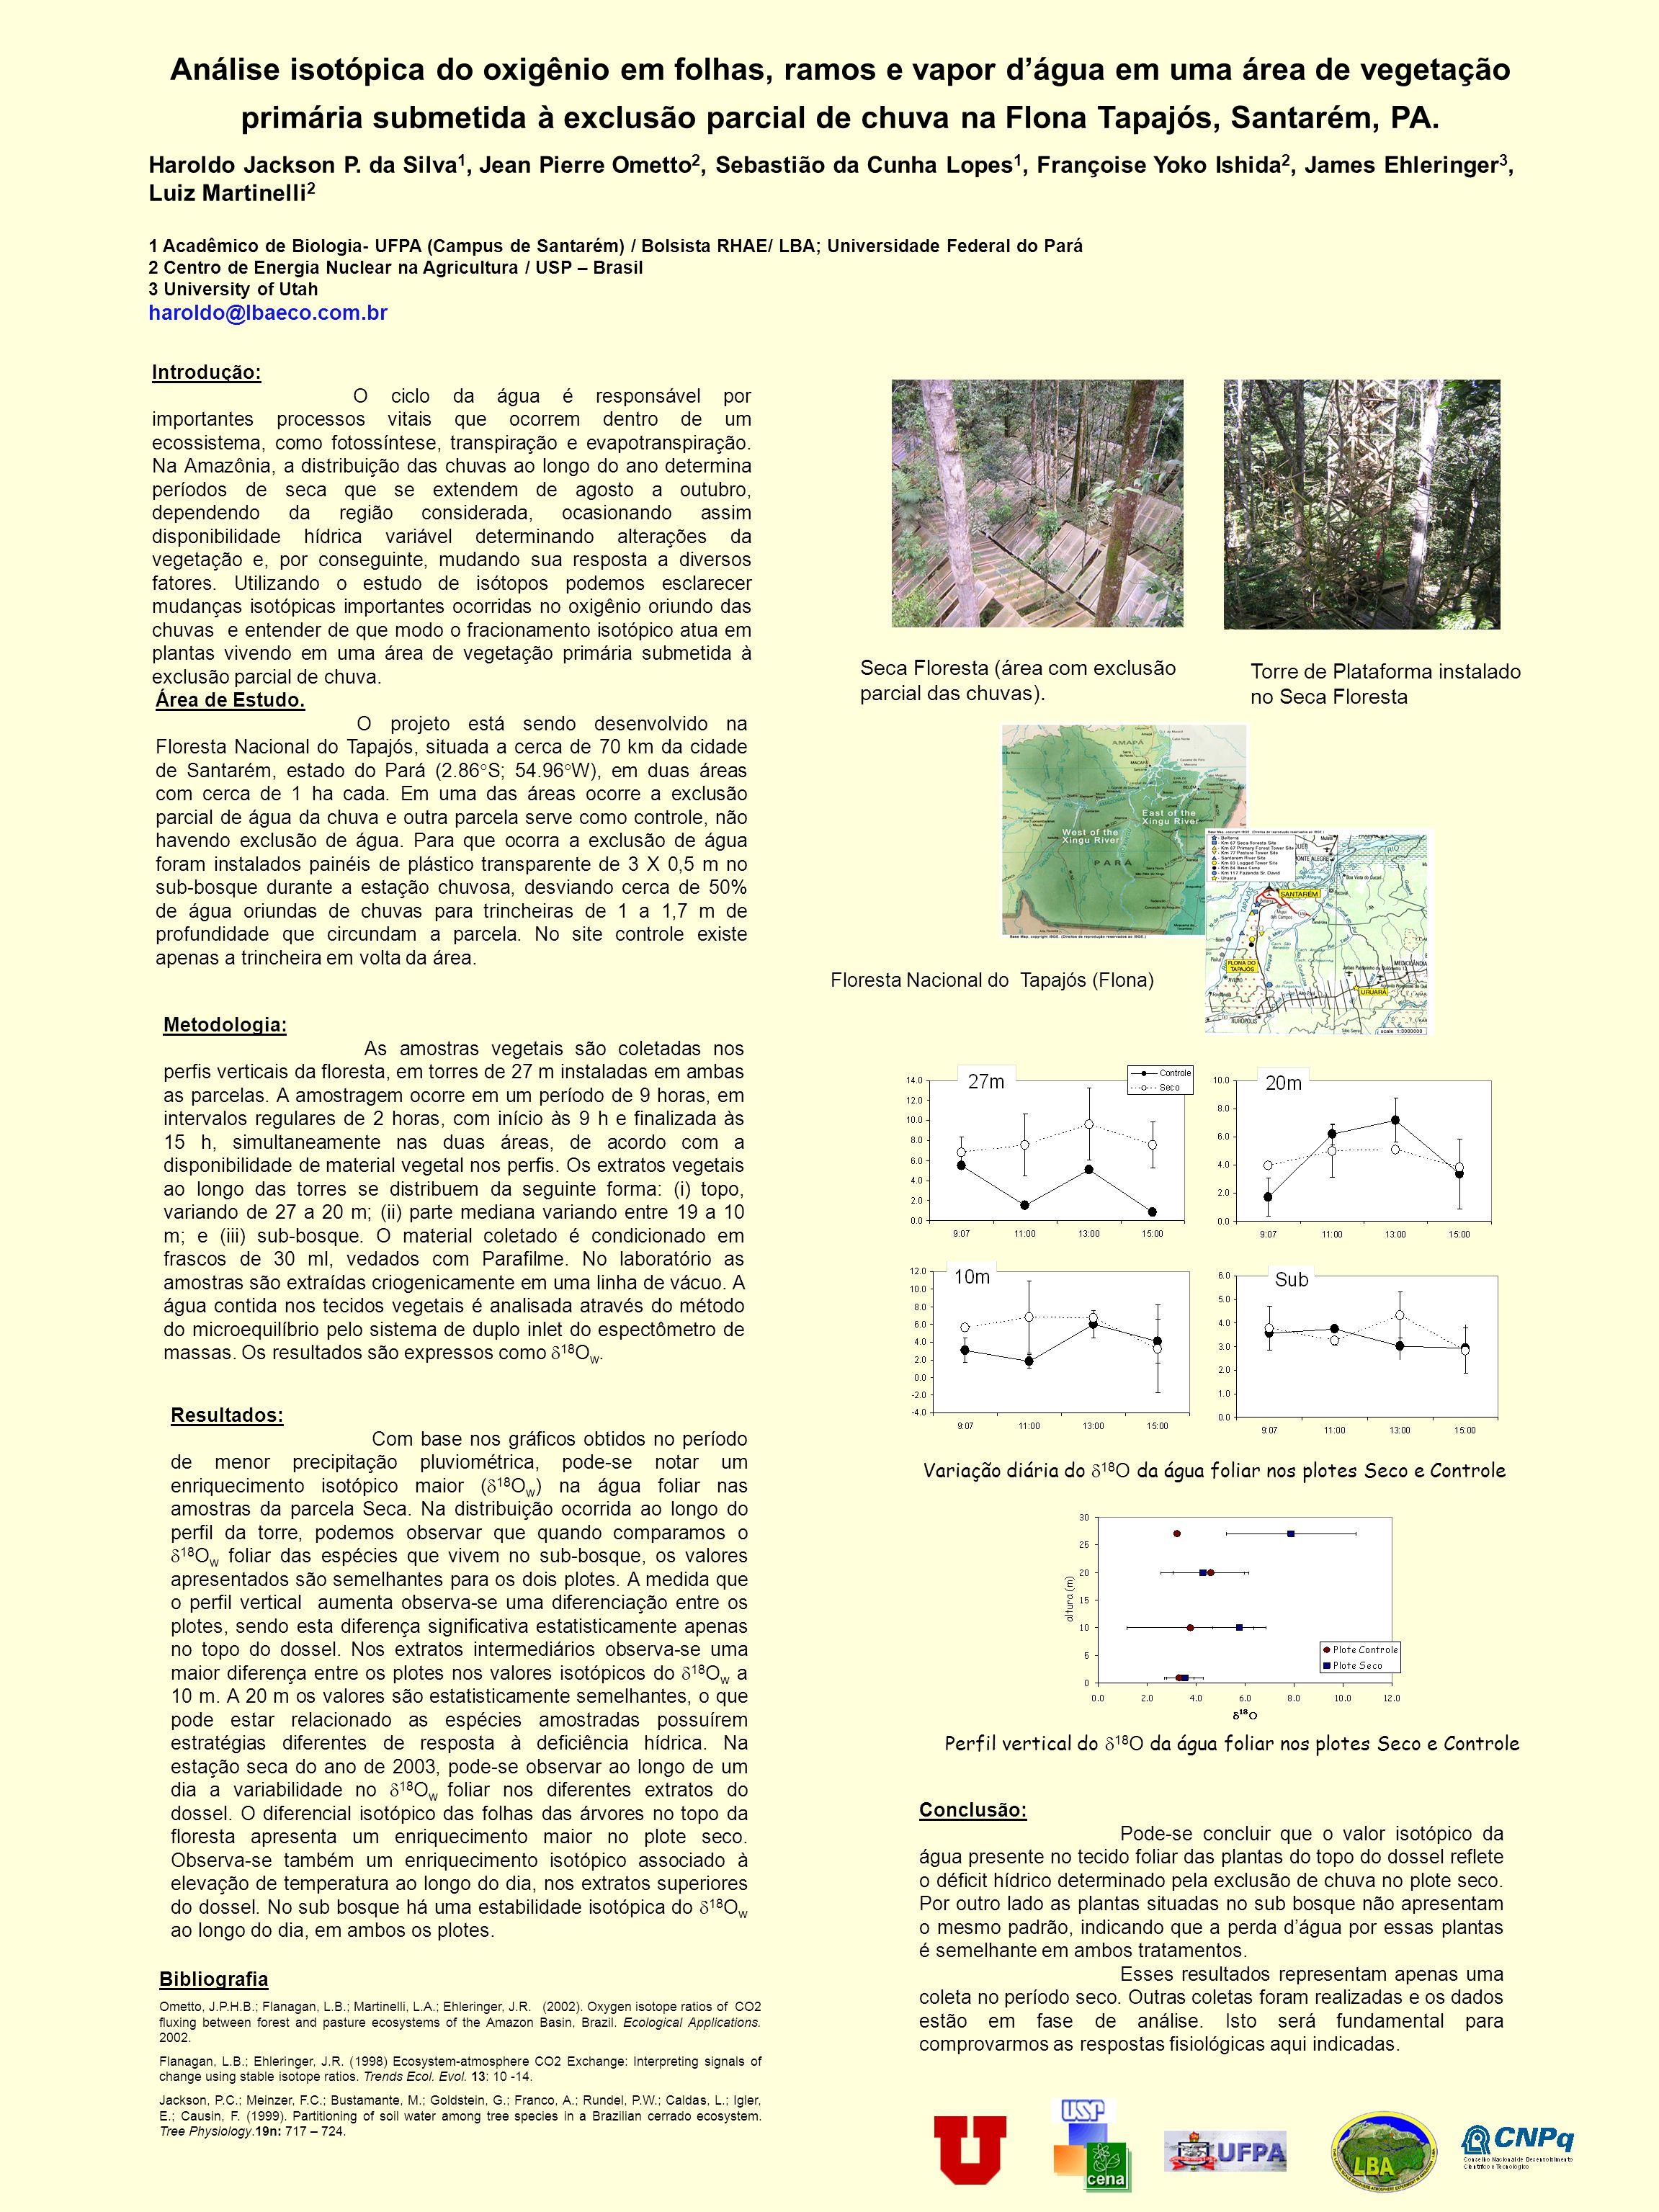 Análise isotópica do oxigênio em folhas, ramos e vapor d'água em uma área de vegetação primária submetida à exclusão parcial de chuva na Flona Tapajós, Santarém, PA.